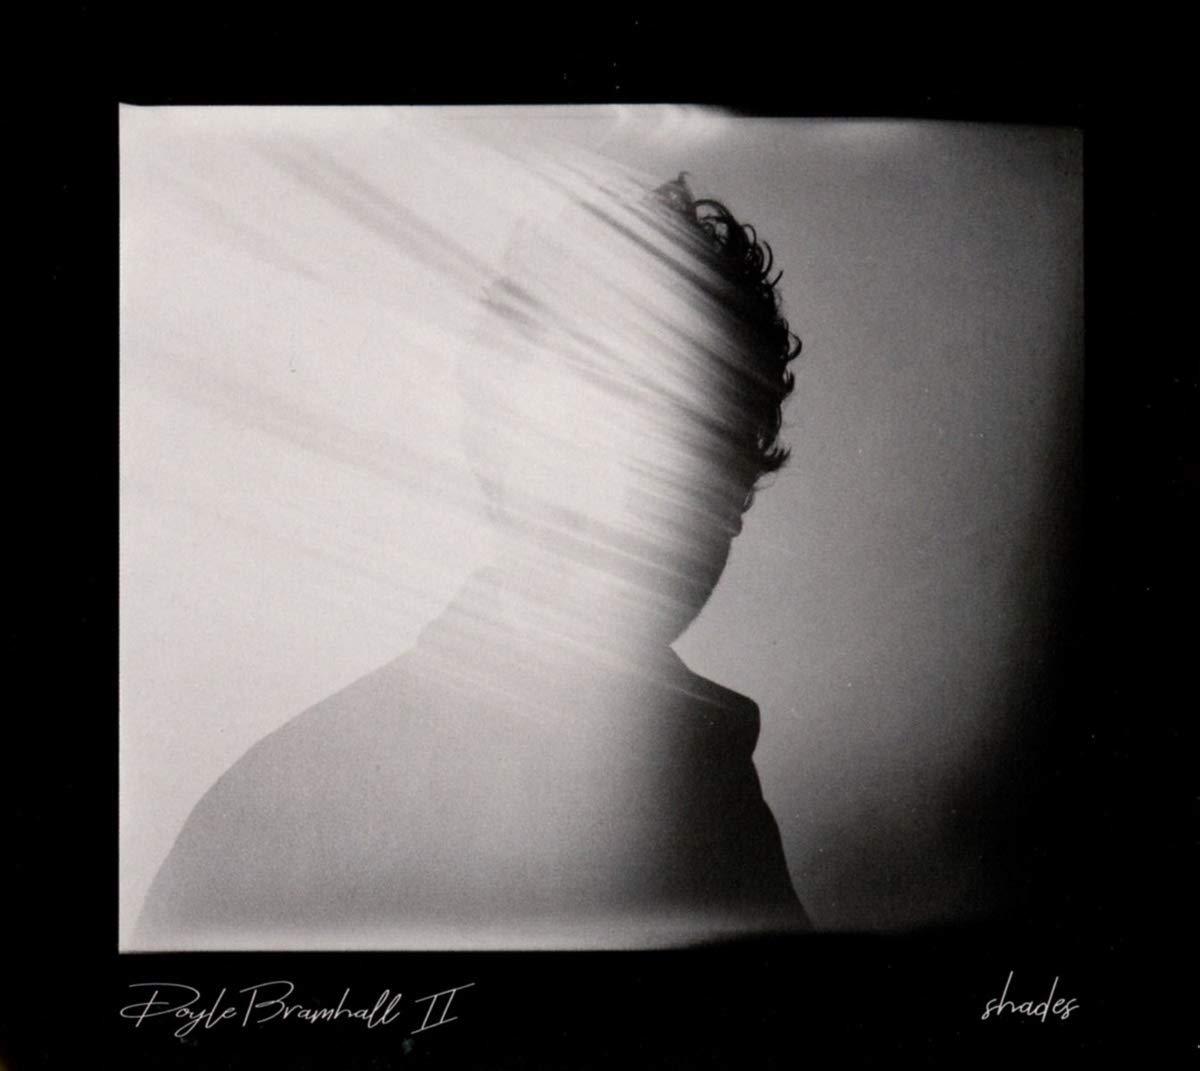 Doyle Bramhall II - Shades (2018)